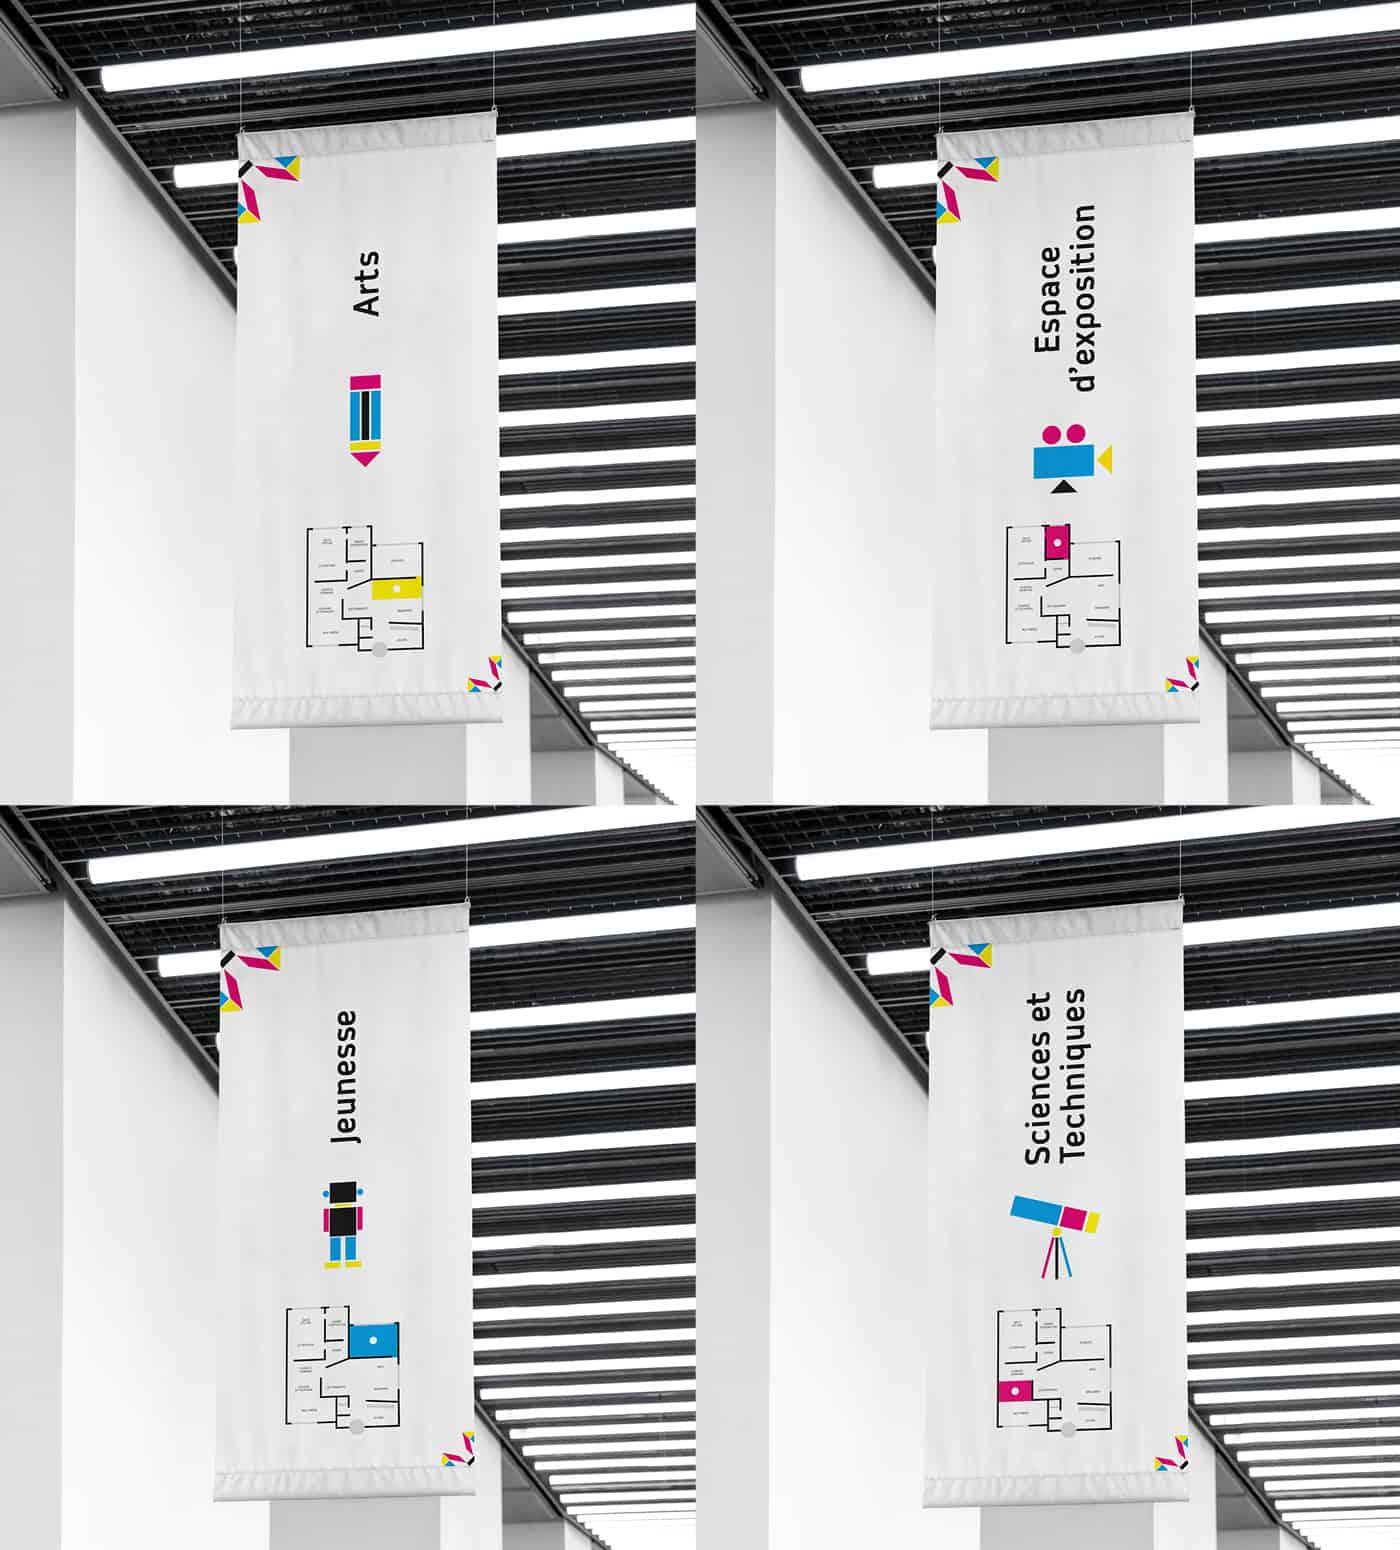 panneaux-signaletiques-de-la-mediatheque-de-montreuil